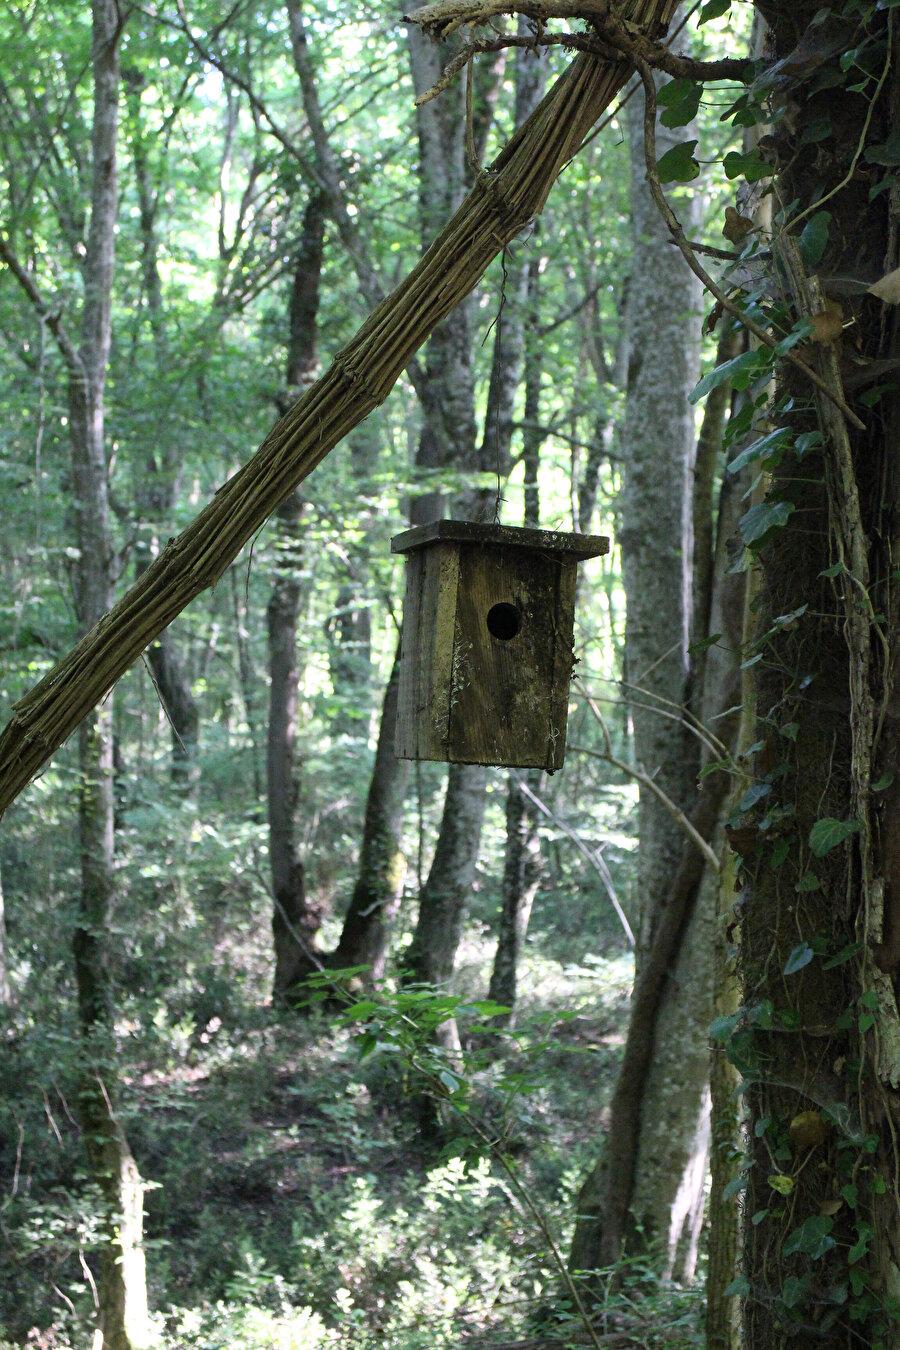 Millî Parklar Şube Müdürlüğü ağaçlara asıyor, genelde bunları kabulleniyor kuşlar. Bu yuvaların asılmasında niyet iyi ama bazen yanlış giriş çapına sahip yuvaların kurulup yanlış türlerin olduğu yerlere asıldığını görüyorum.